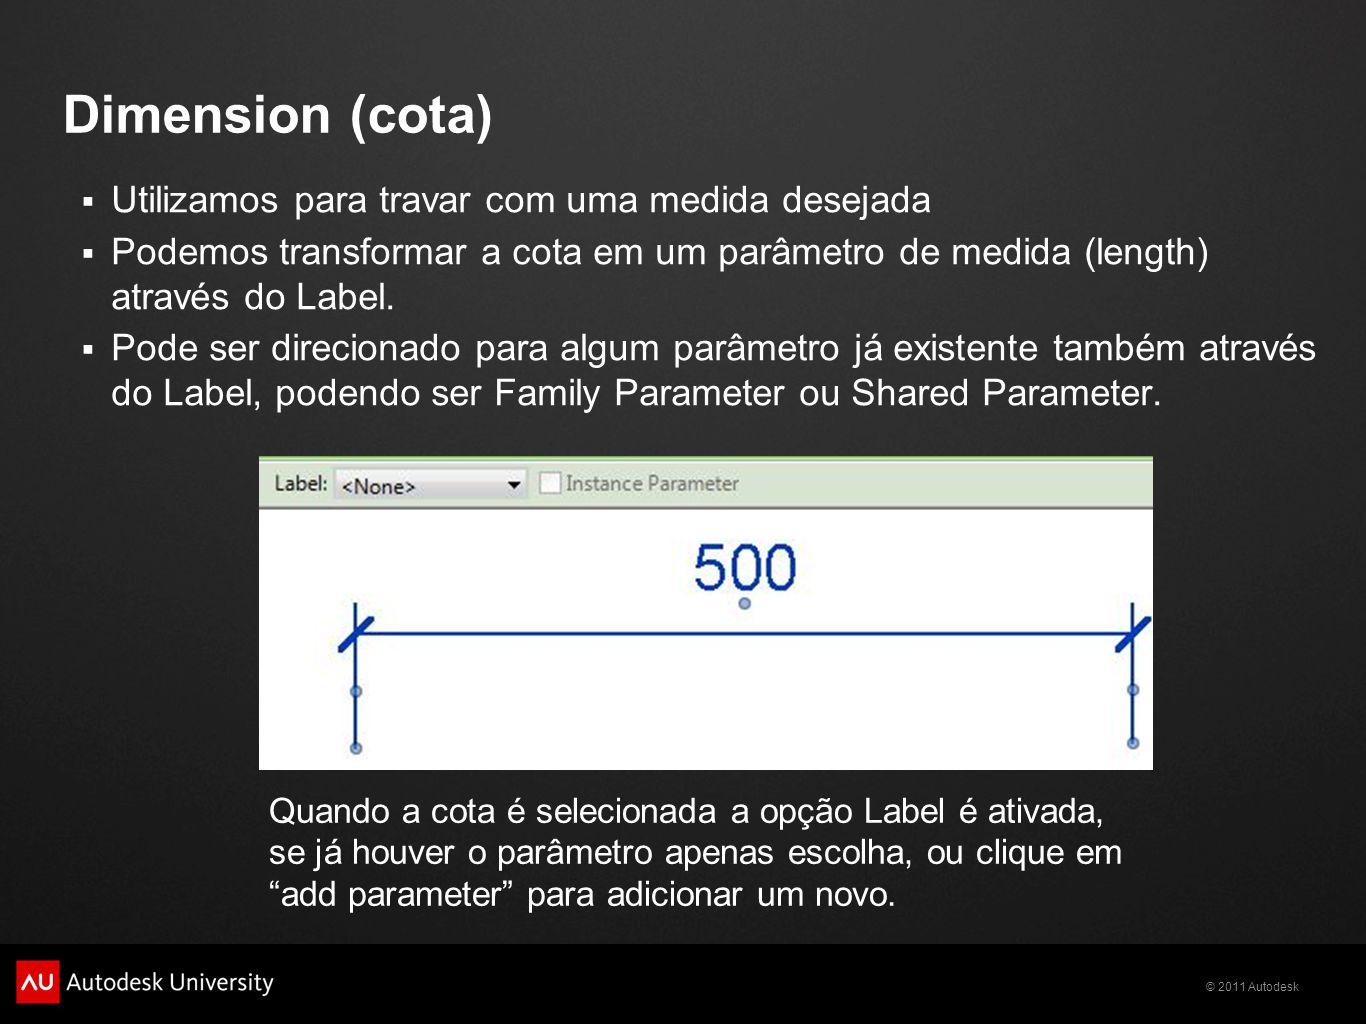 Dimension (cota) Utilizamos para travar com uma medida desejada